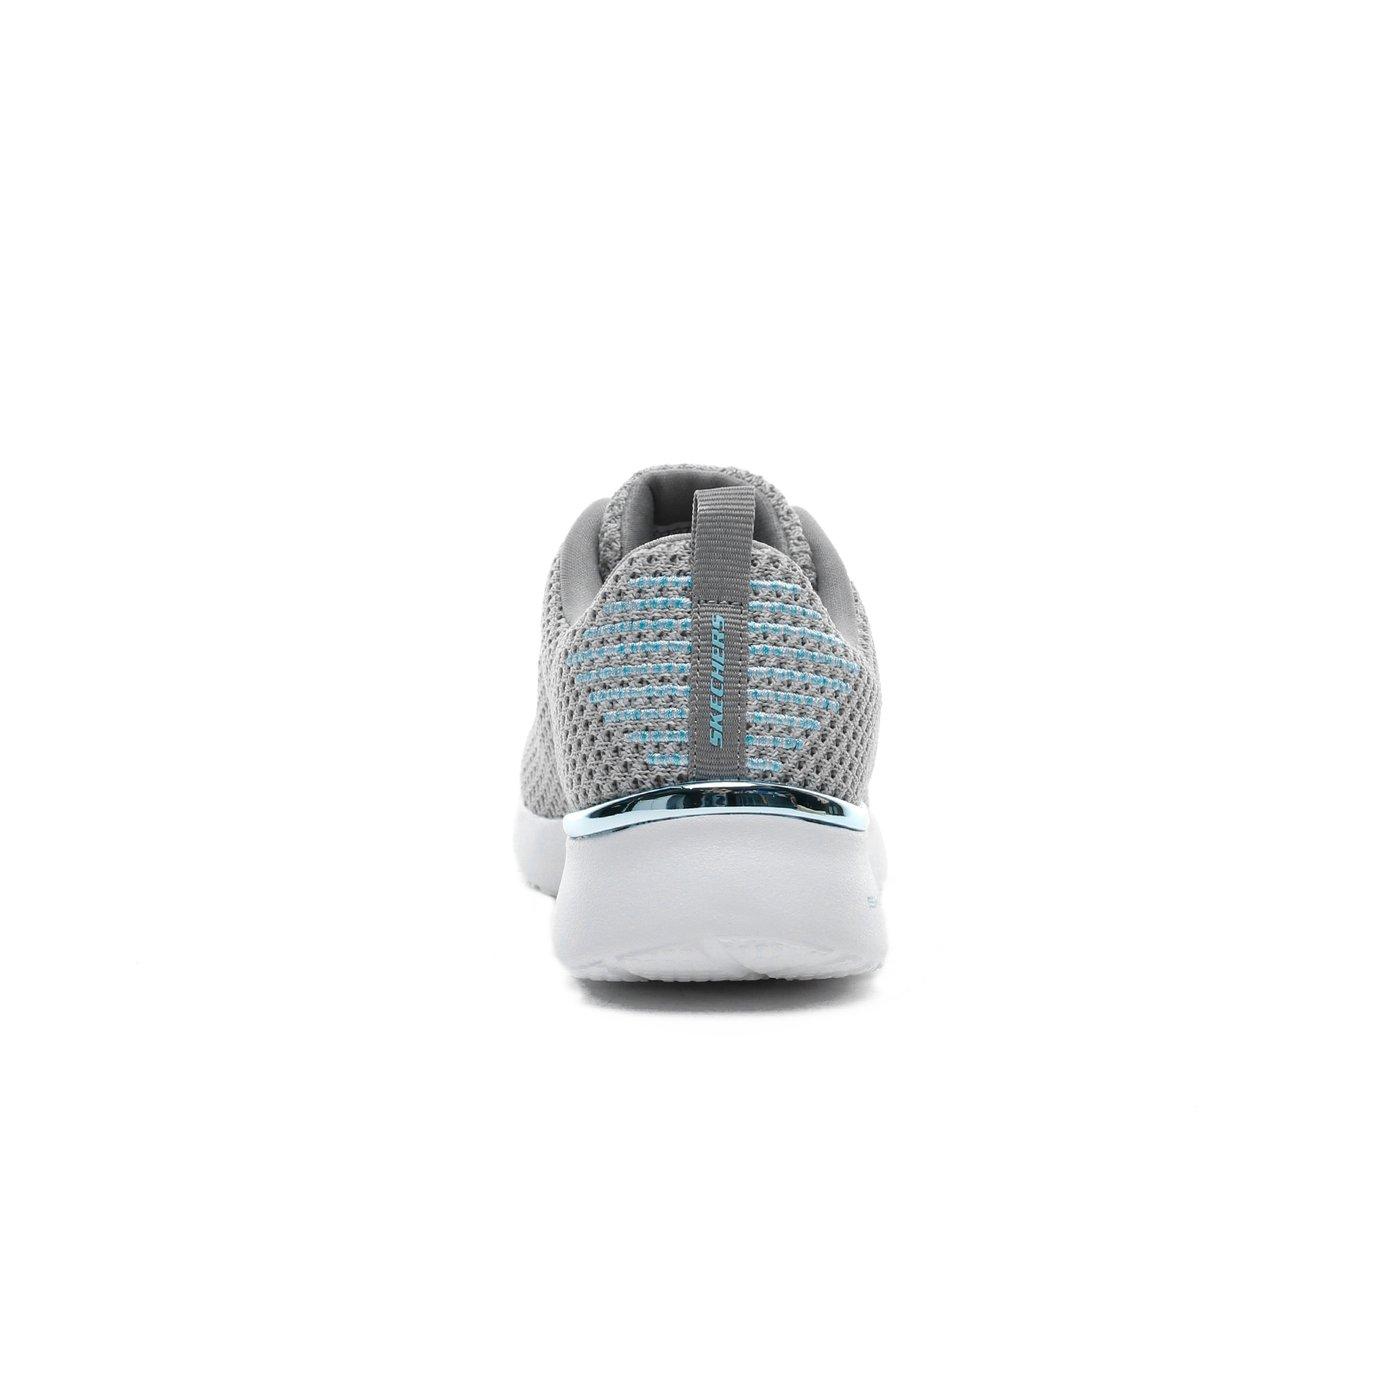 Skechers Skech-Air Dynamight Gri Kadın Spor Ayakkabı